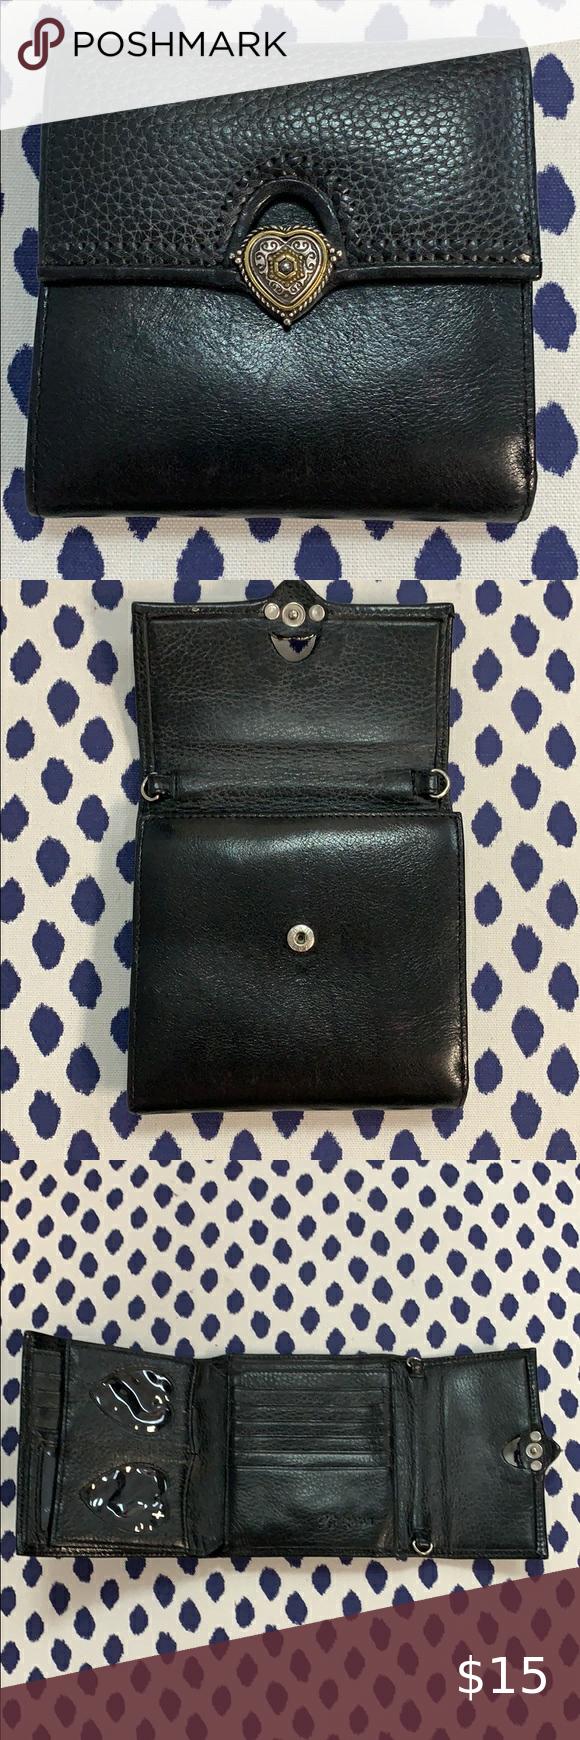 Vintage Brighton Wallet Clearance In 2020 Brighton Wallets Brighton Bags Wallet